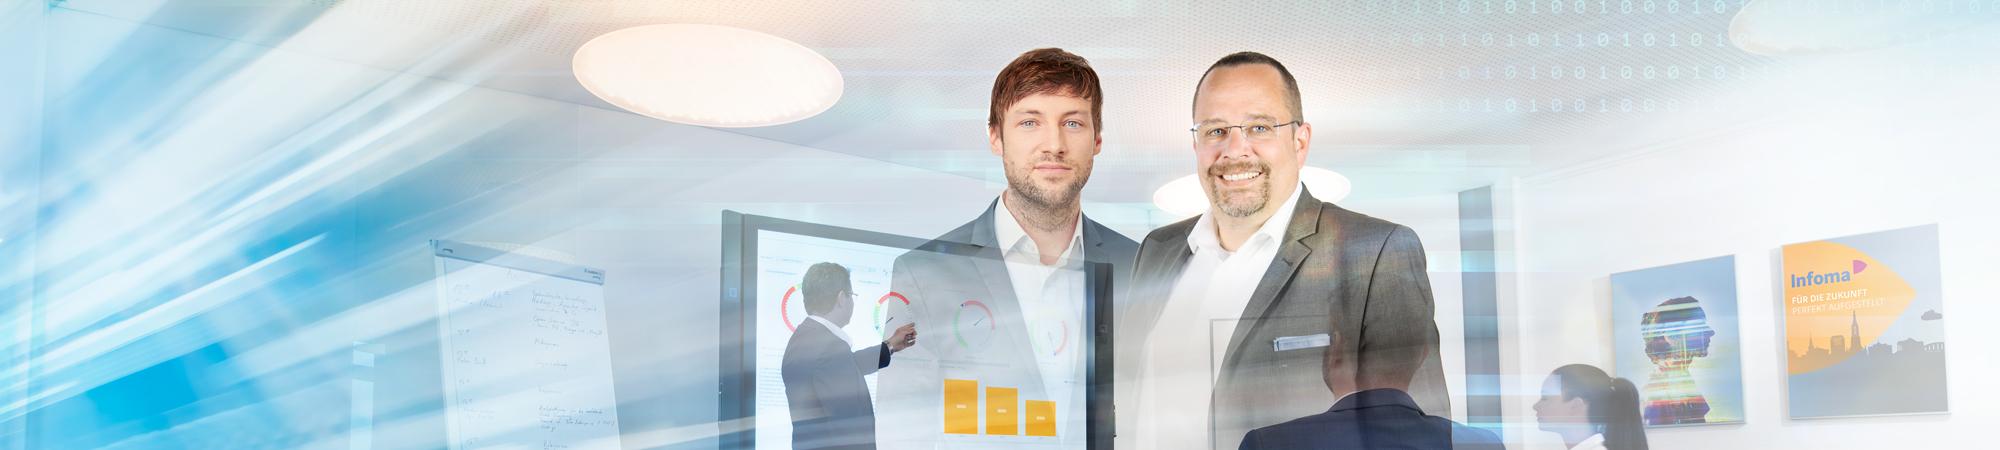 Integriertes Berichtswesen Plus und Business Intelligence – Liefern einheitliche und zentrale Informationen für alle Bereiche